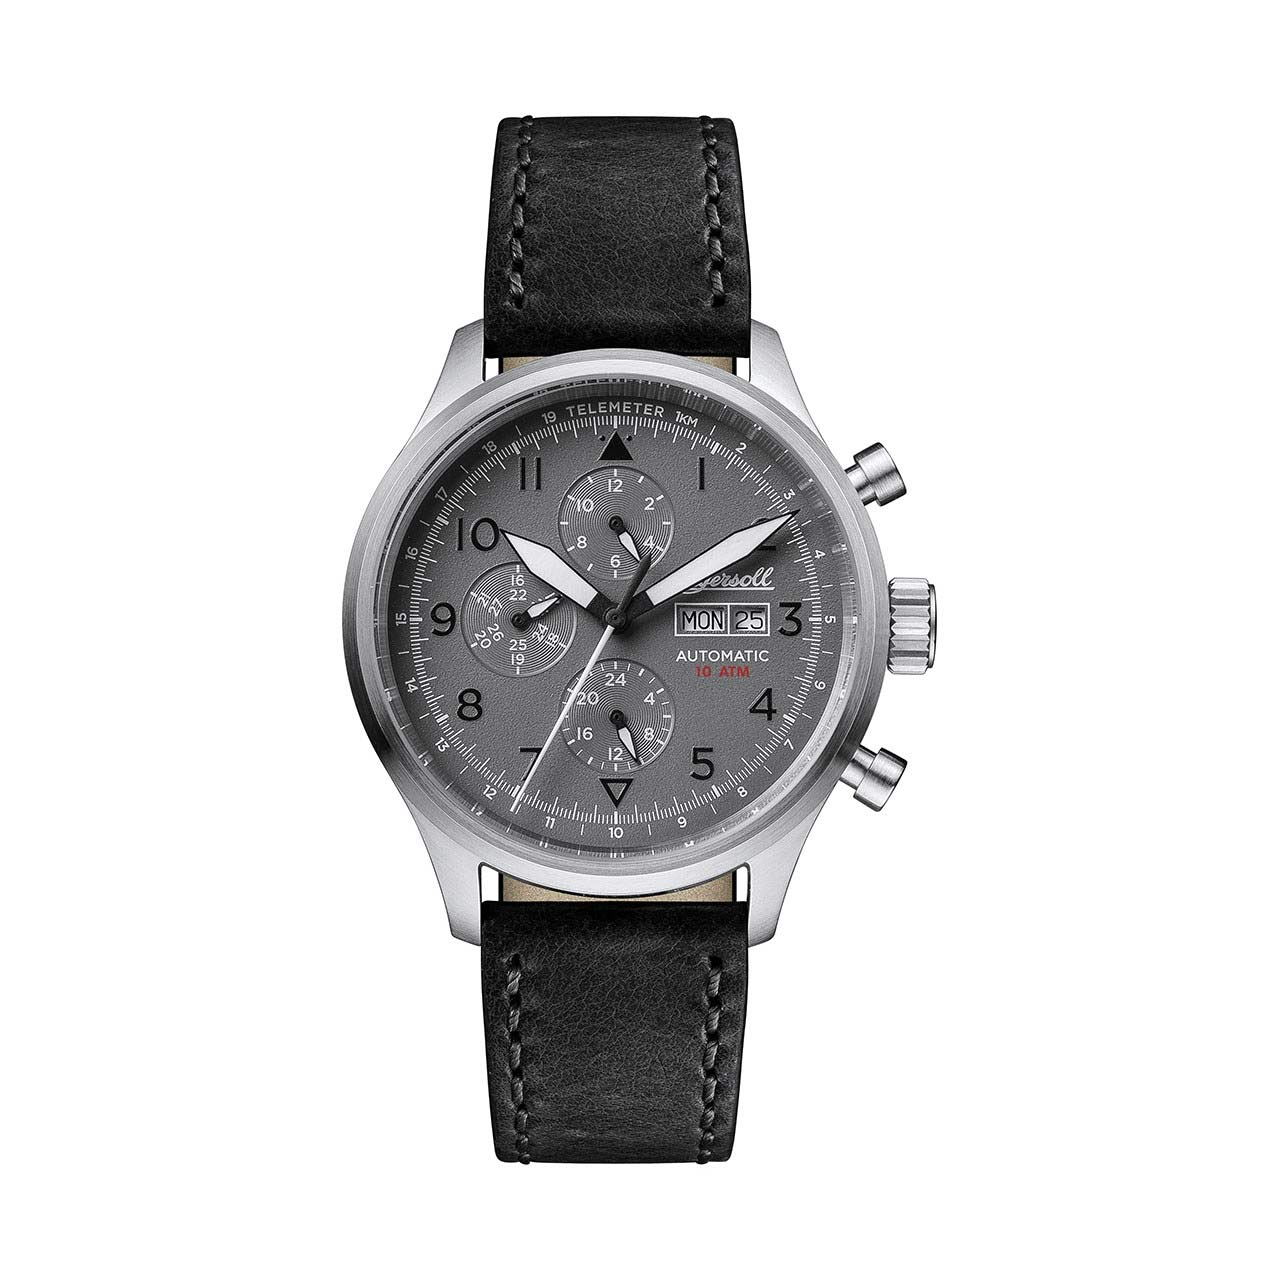 ساعت مچی عقربه ای مردانه اینگرسل مدل I01903 49